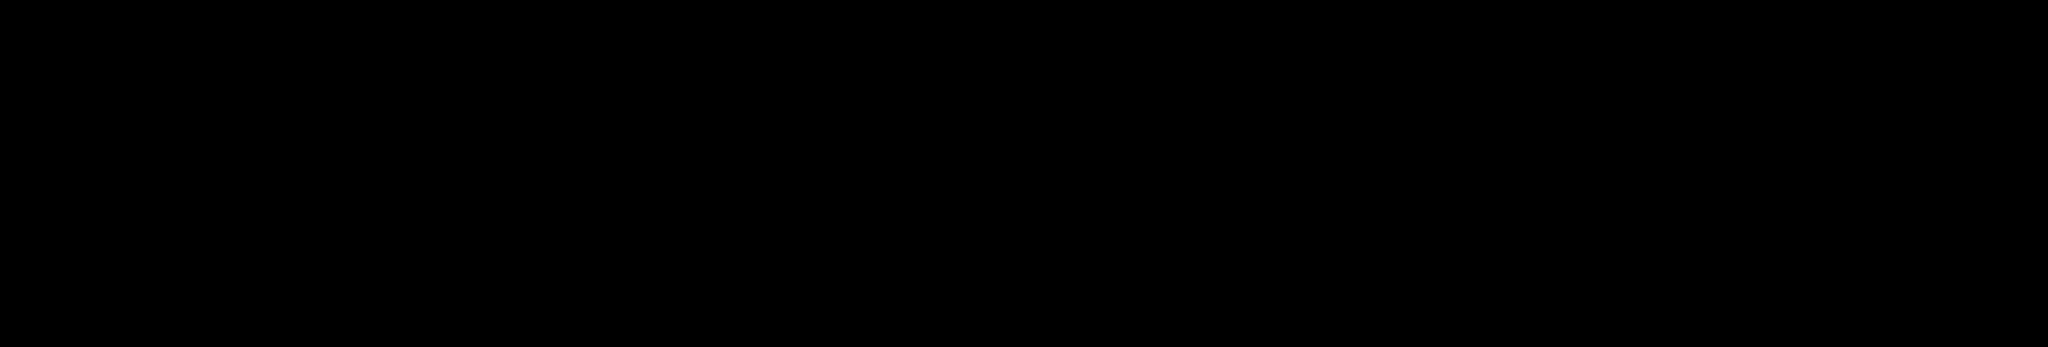 Différents formats de carreaux pictogrammes céramiques personnalisables